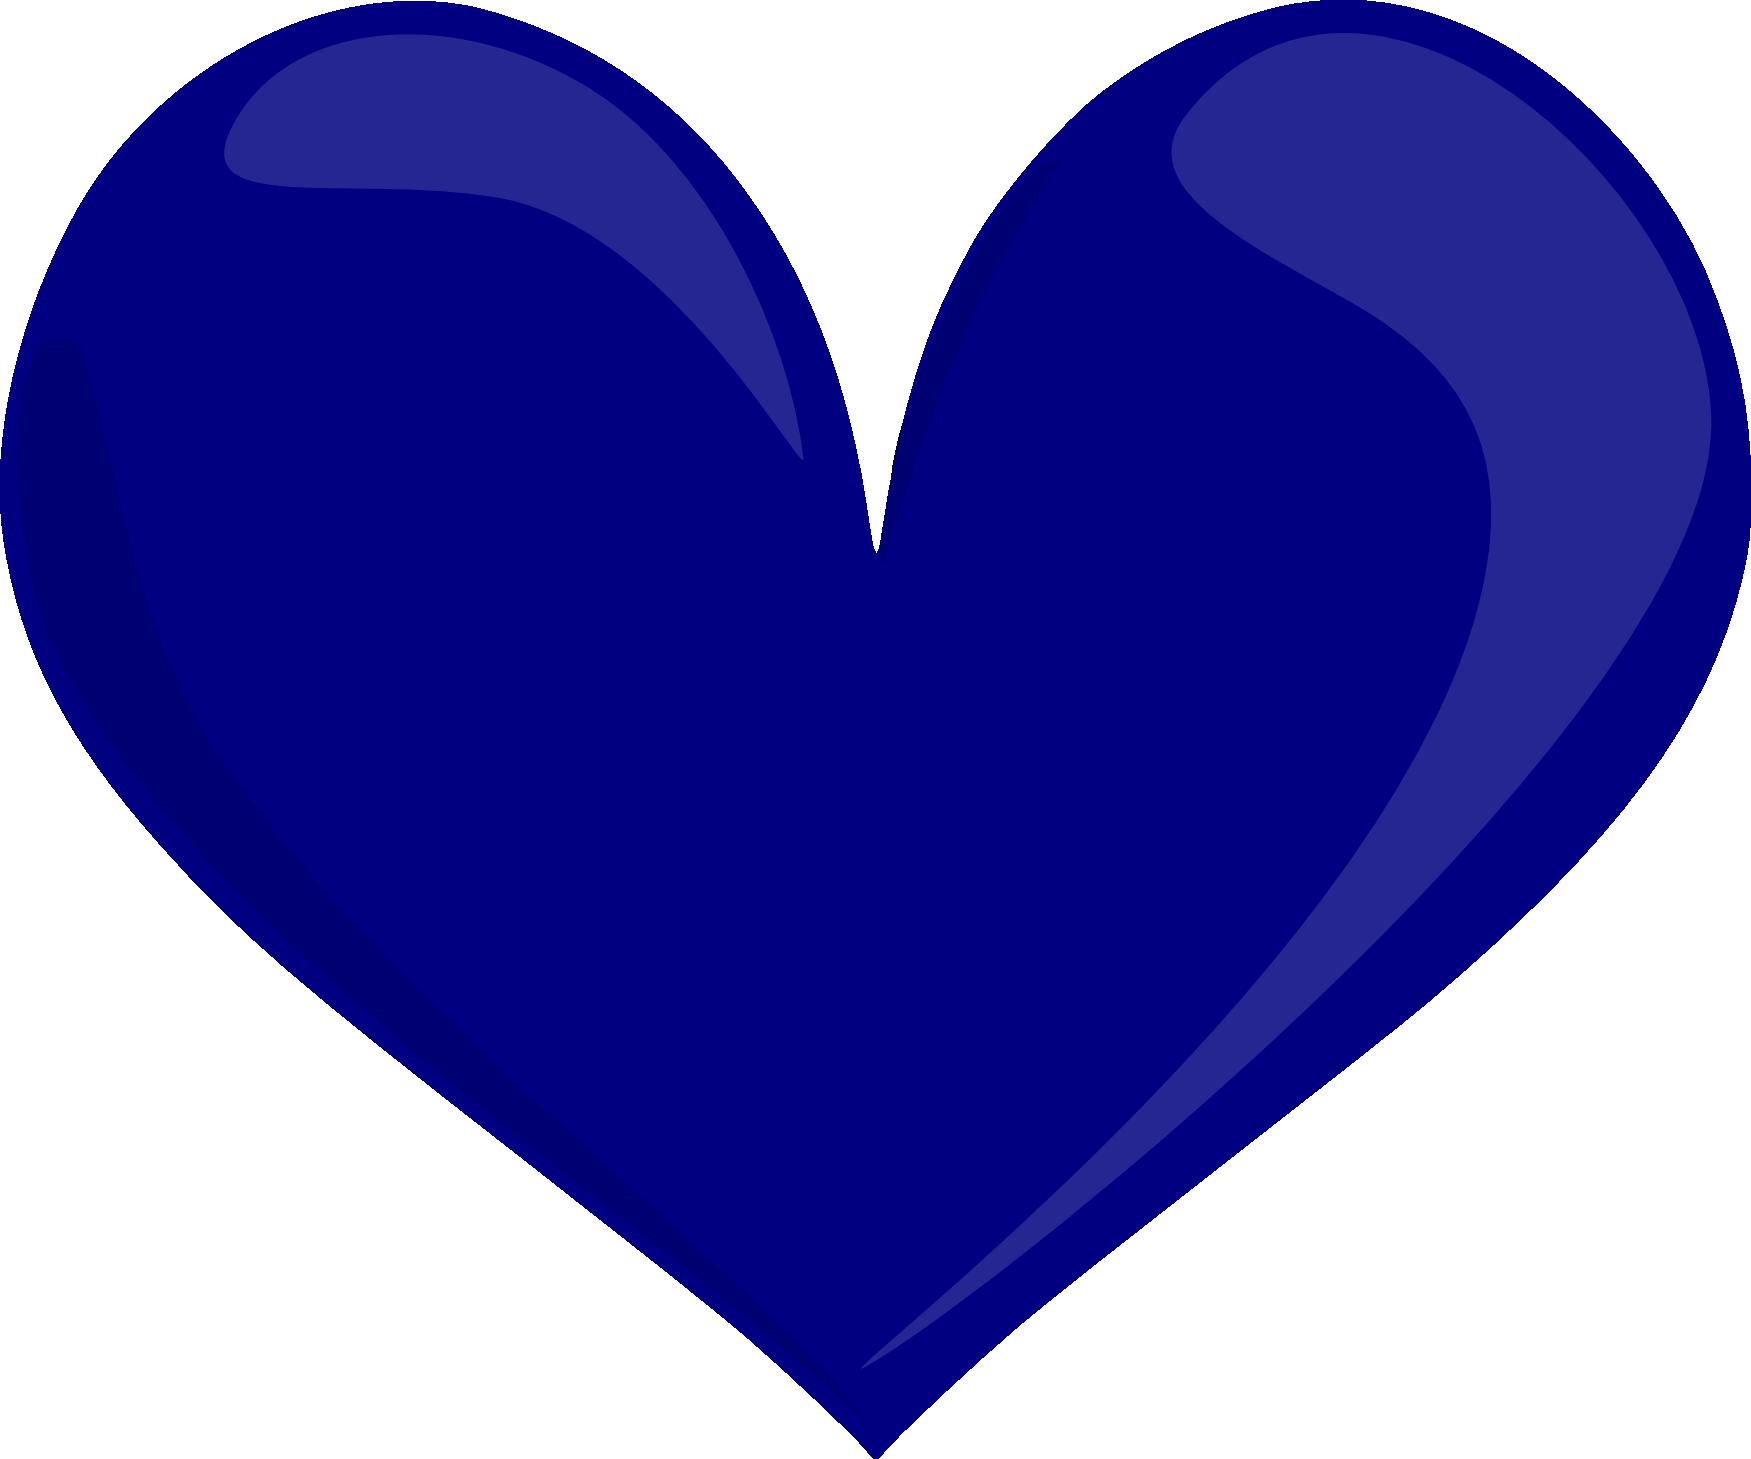 готовы картинки сердечки синего цвета интернет-магазине таир